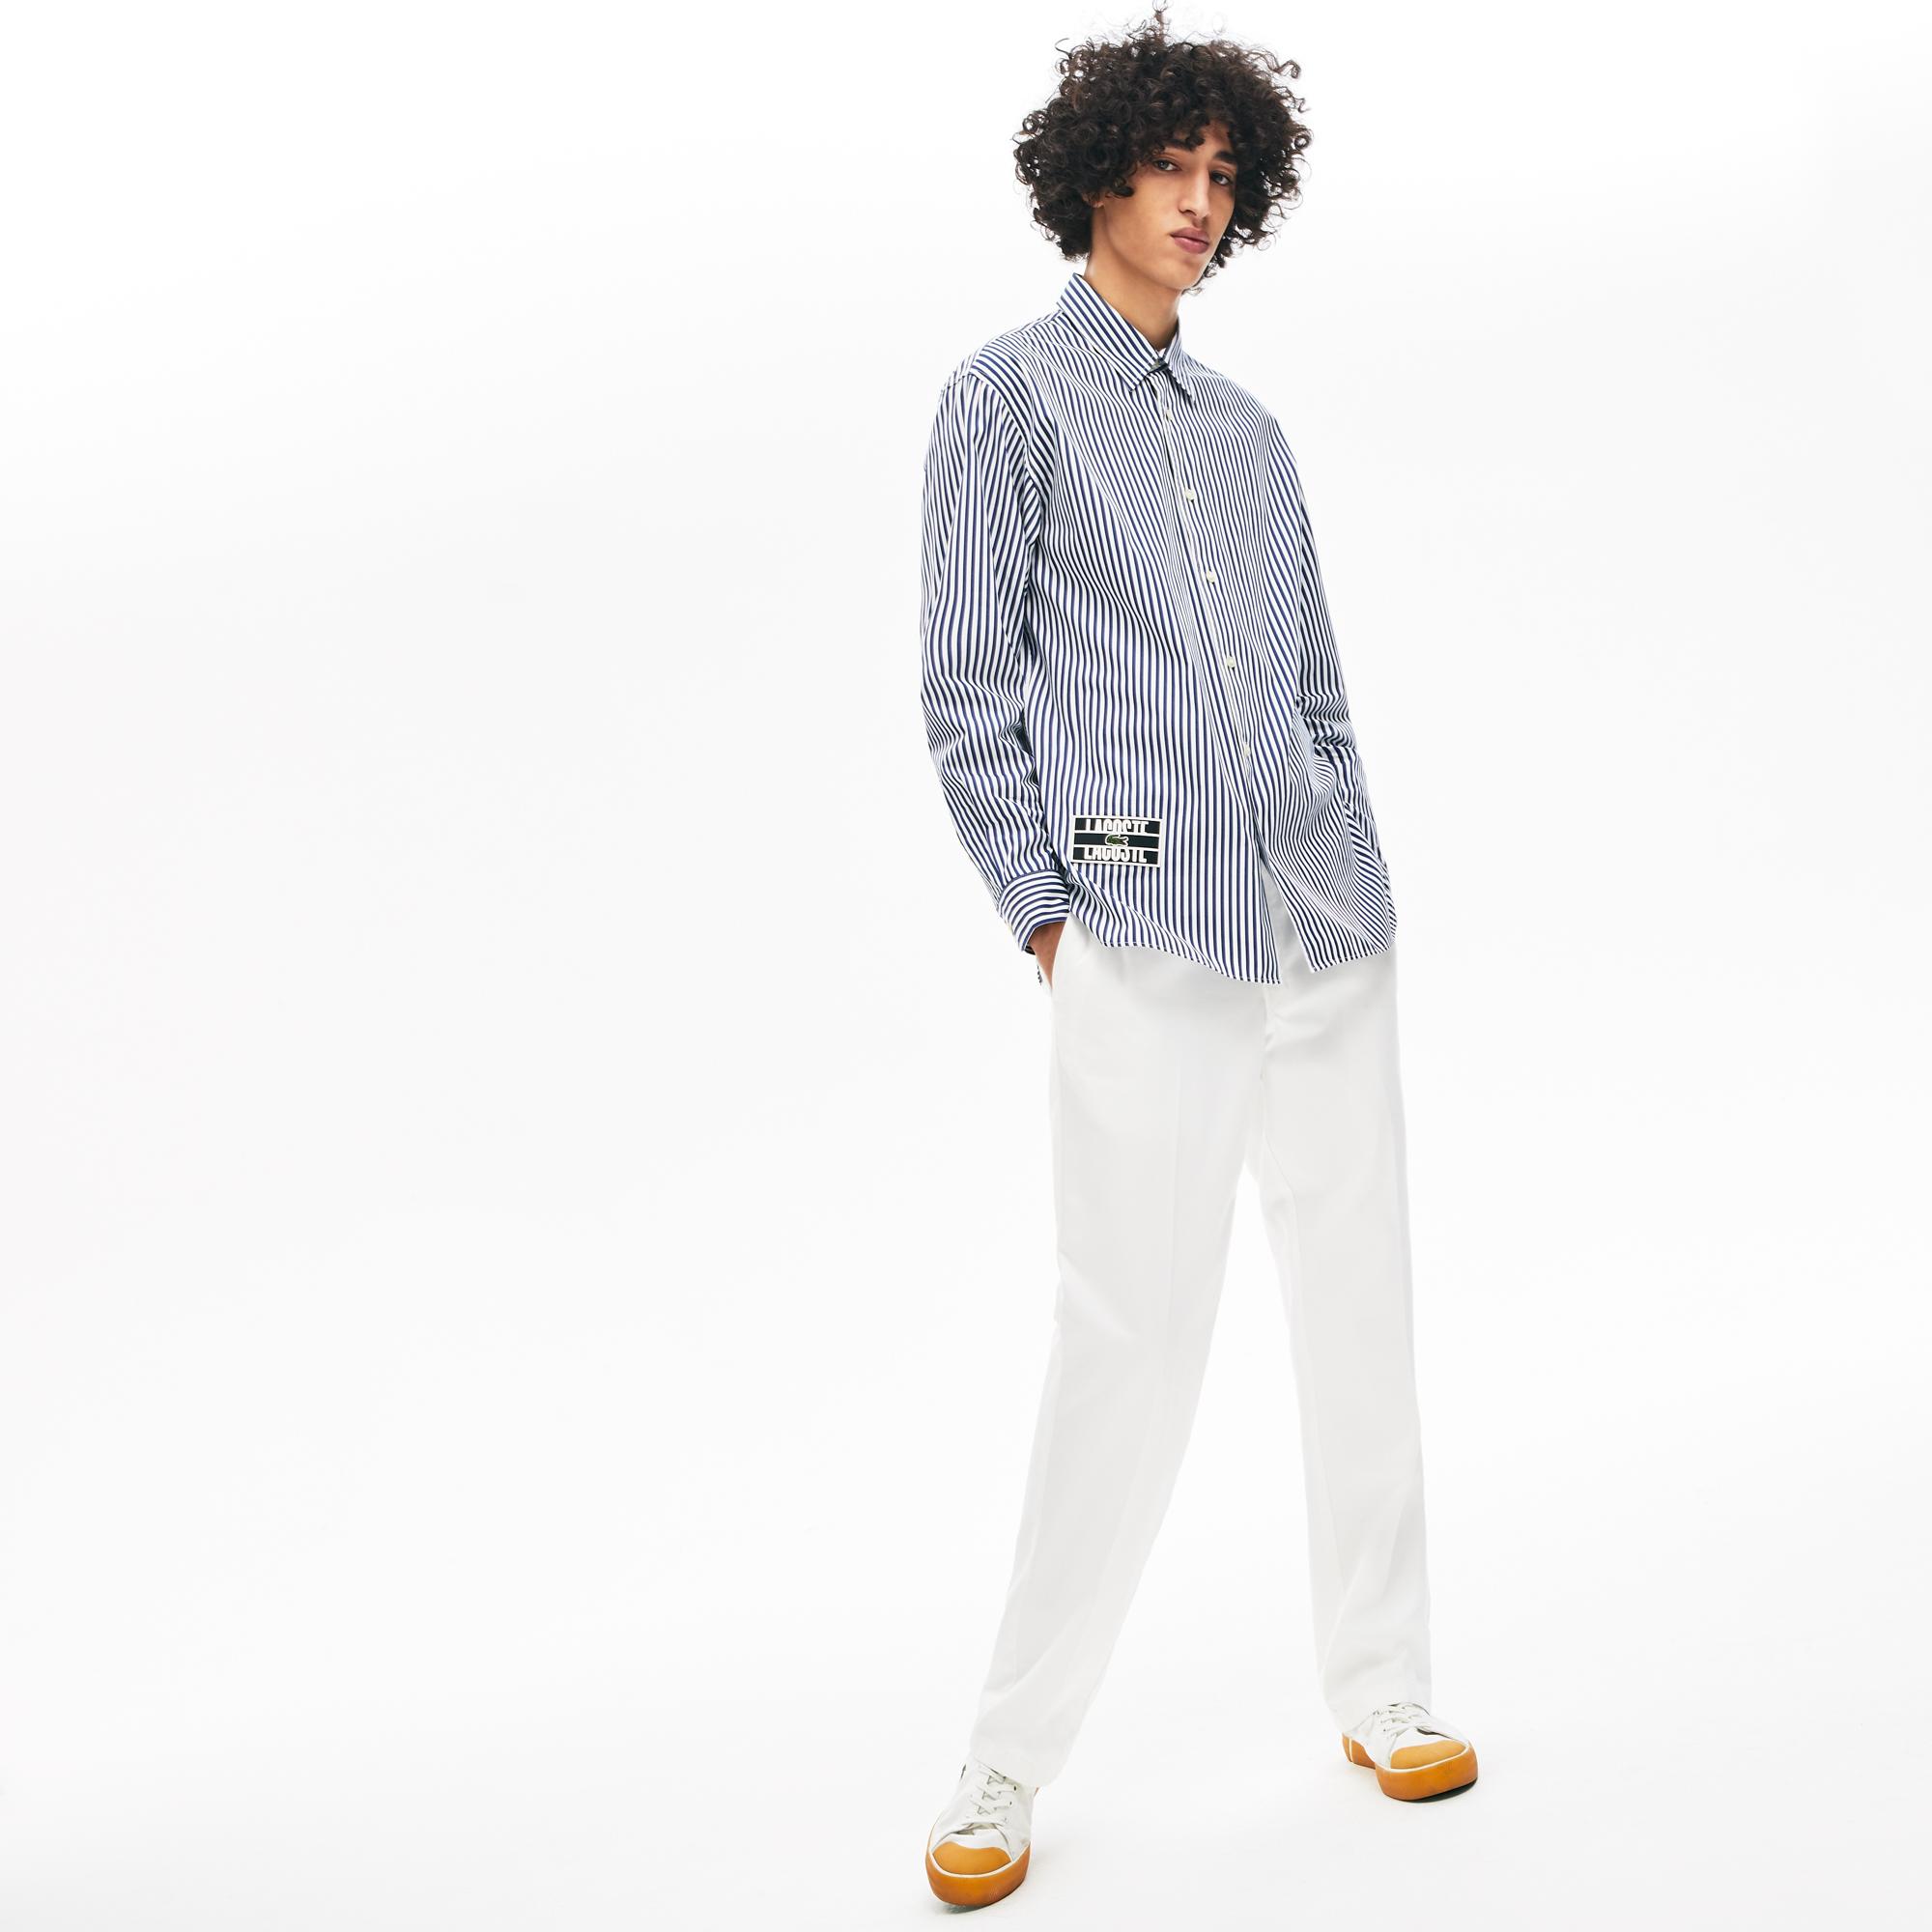 Рубашка Lacoste L!VE фото